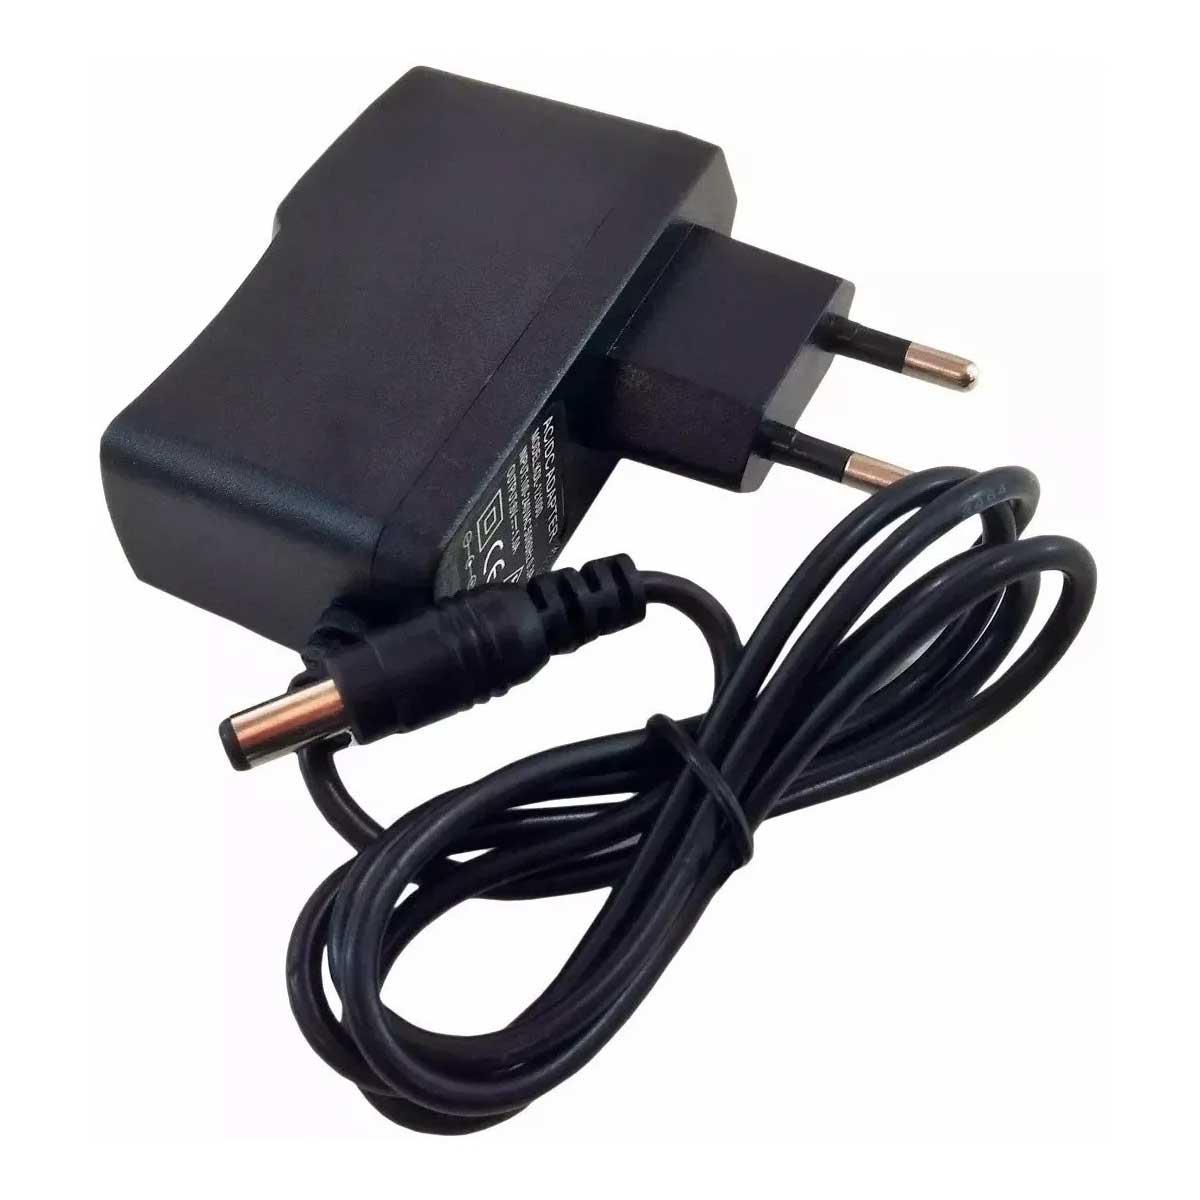 Fonte DC Chaveada 5v 1A Plug P4 Bivolt